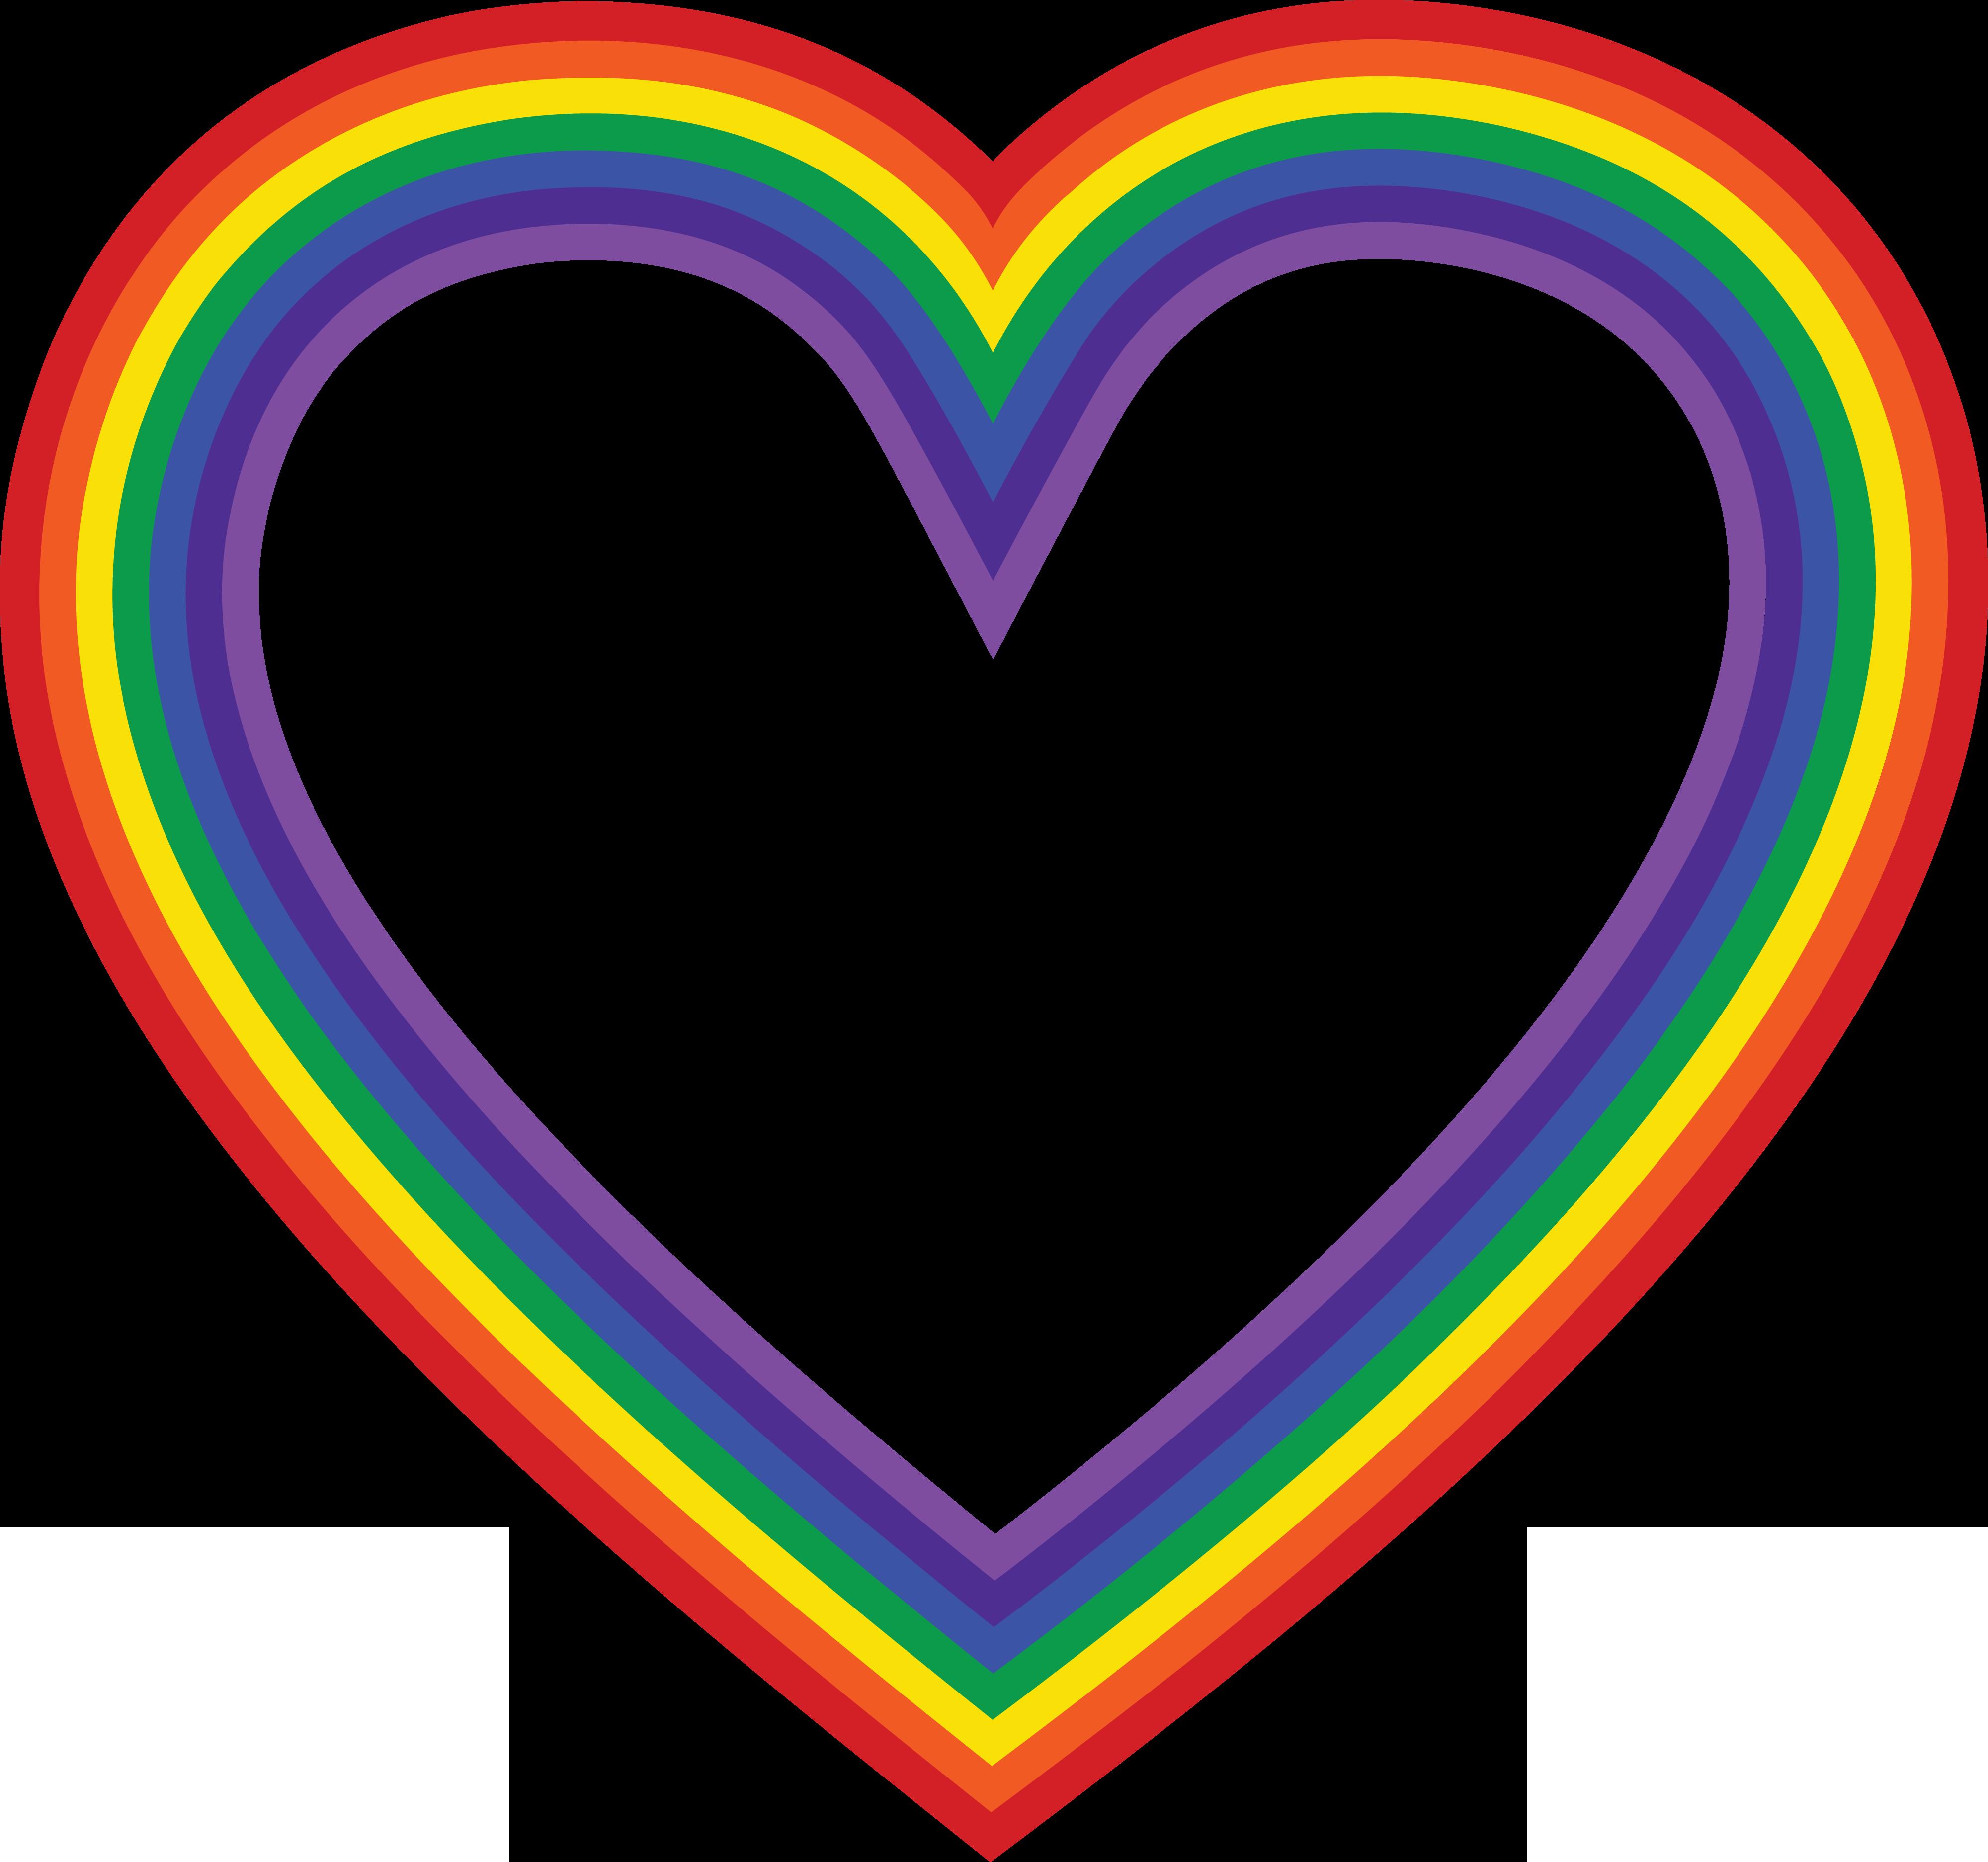 Heart clipart crayon. The rainbow clip art